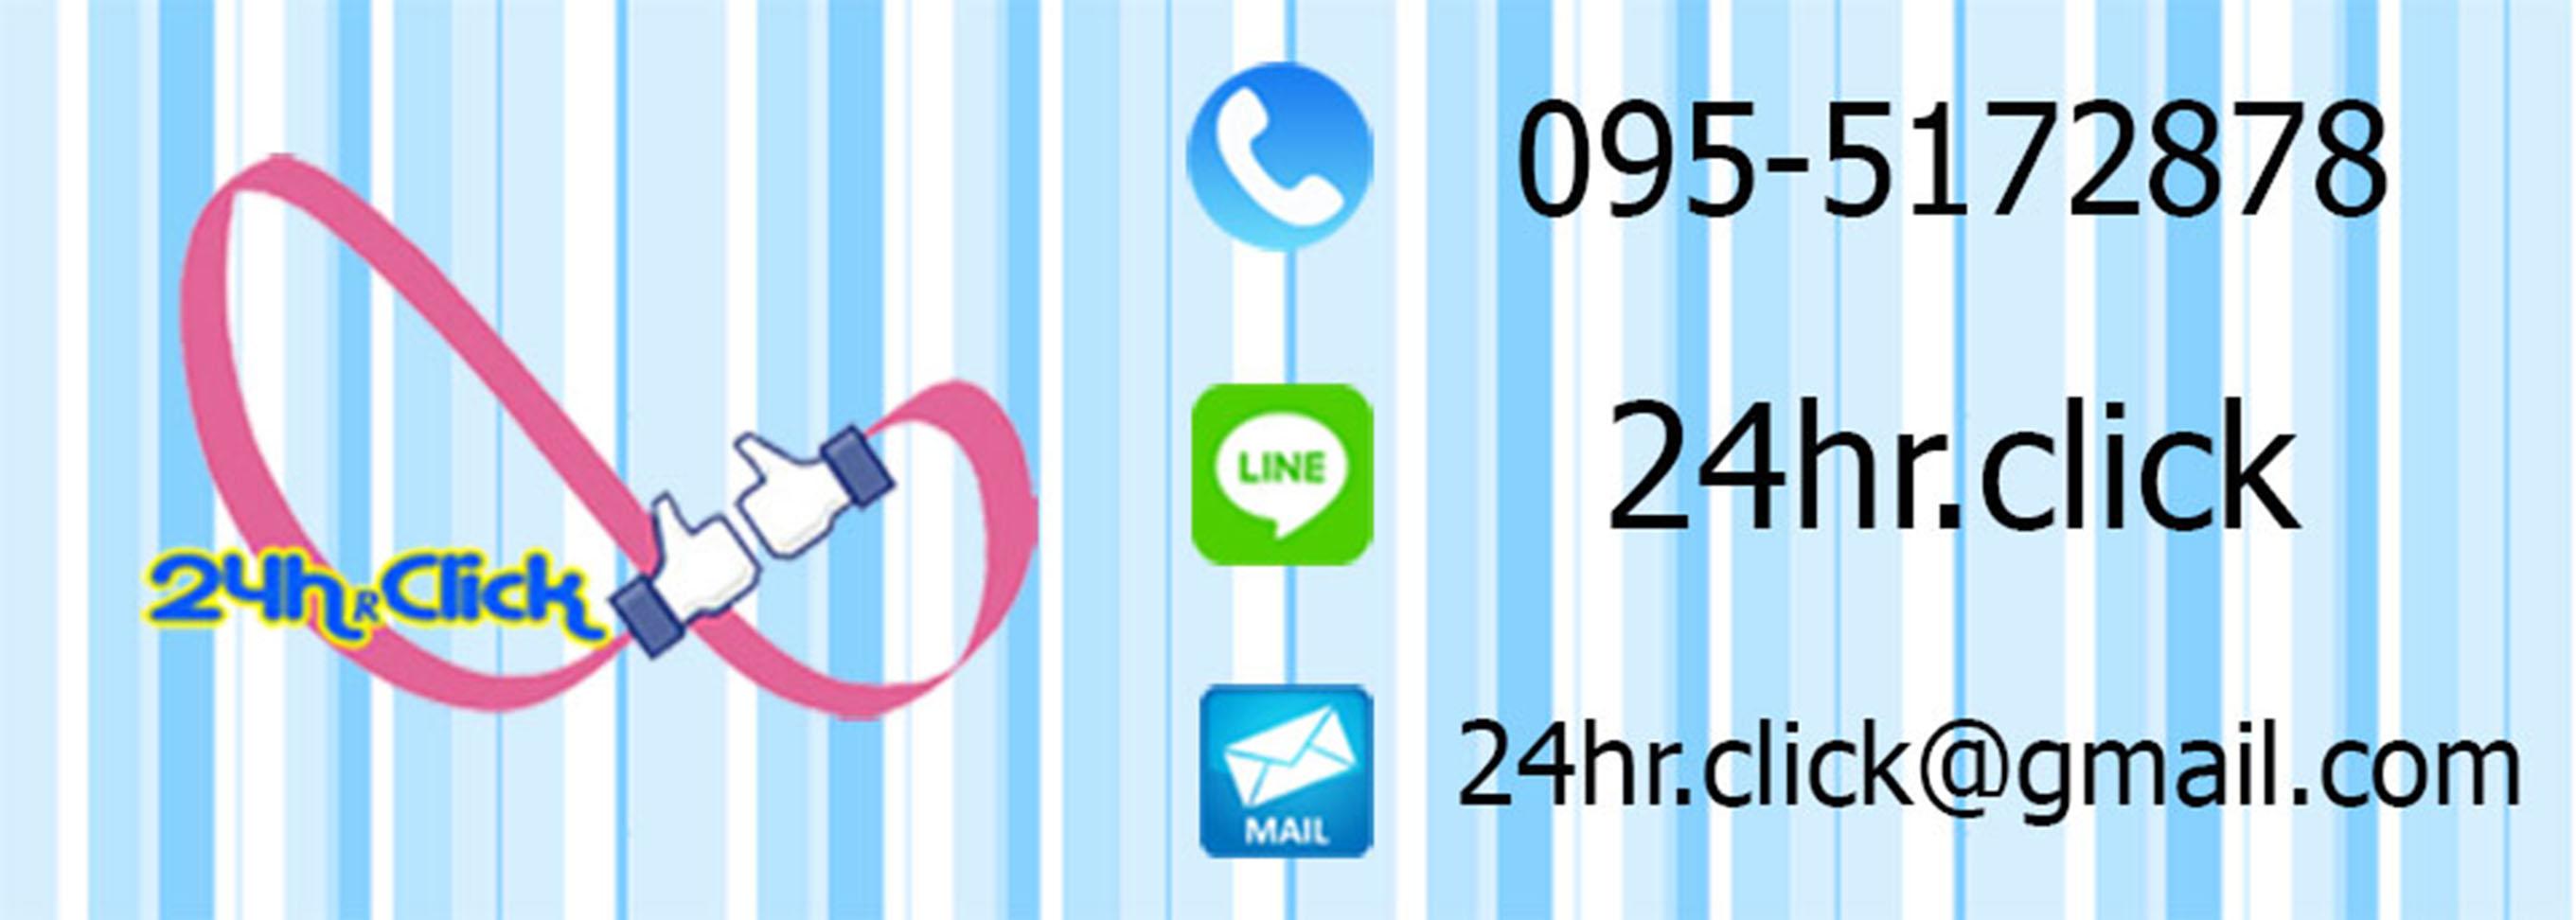 24hr click